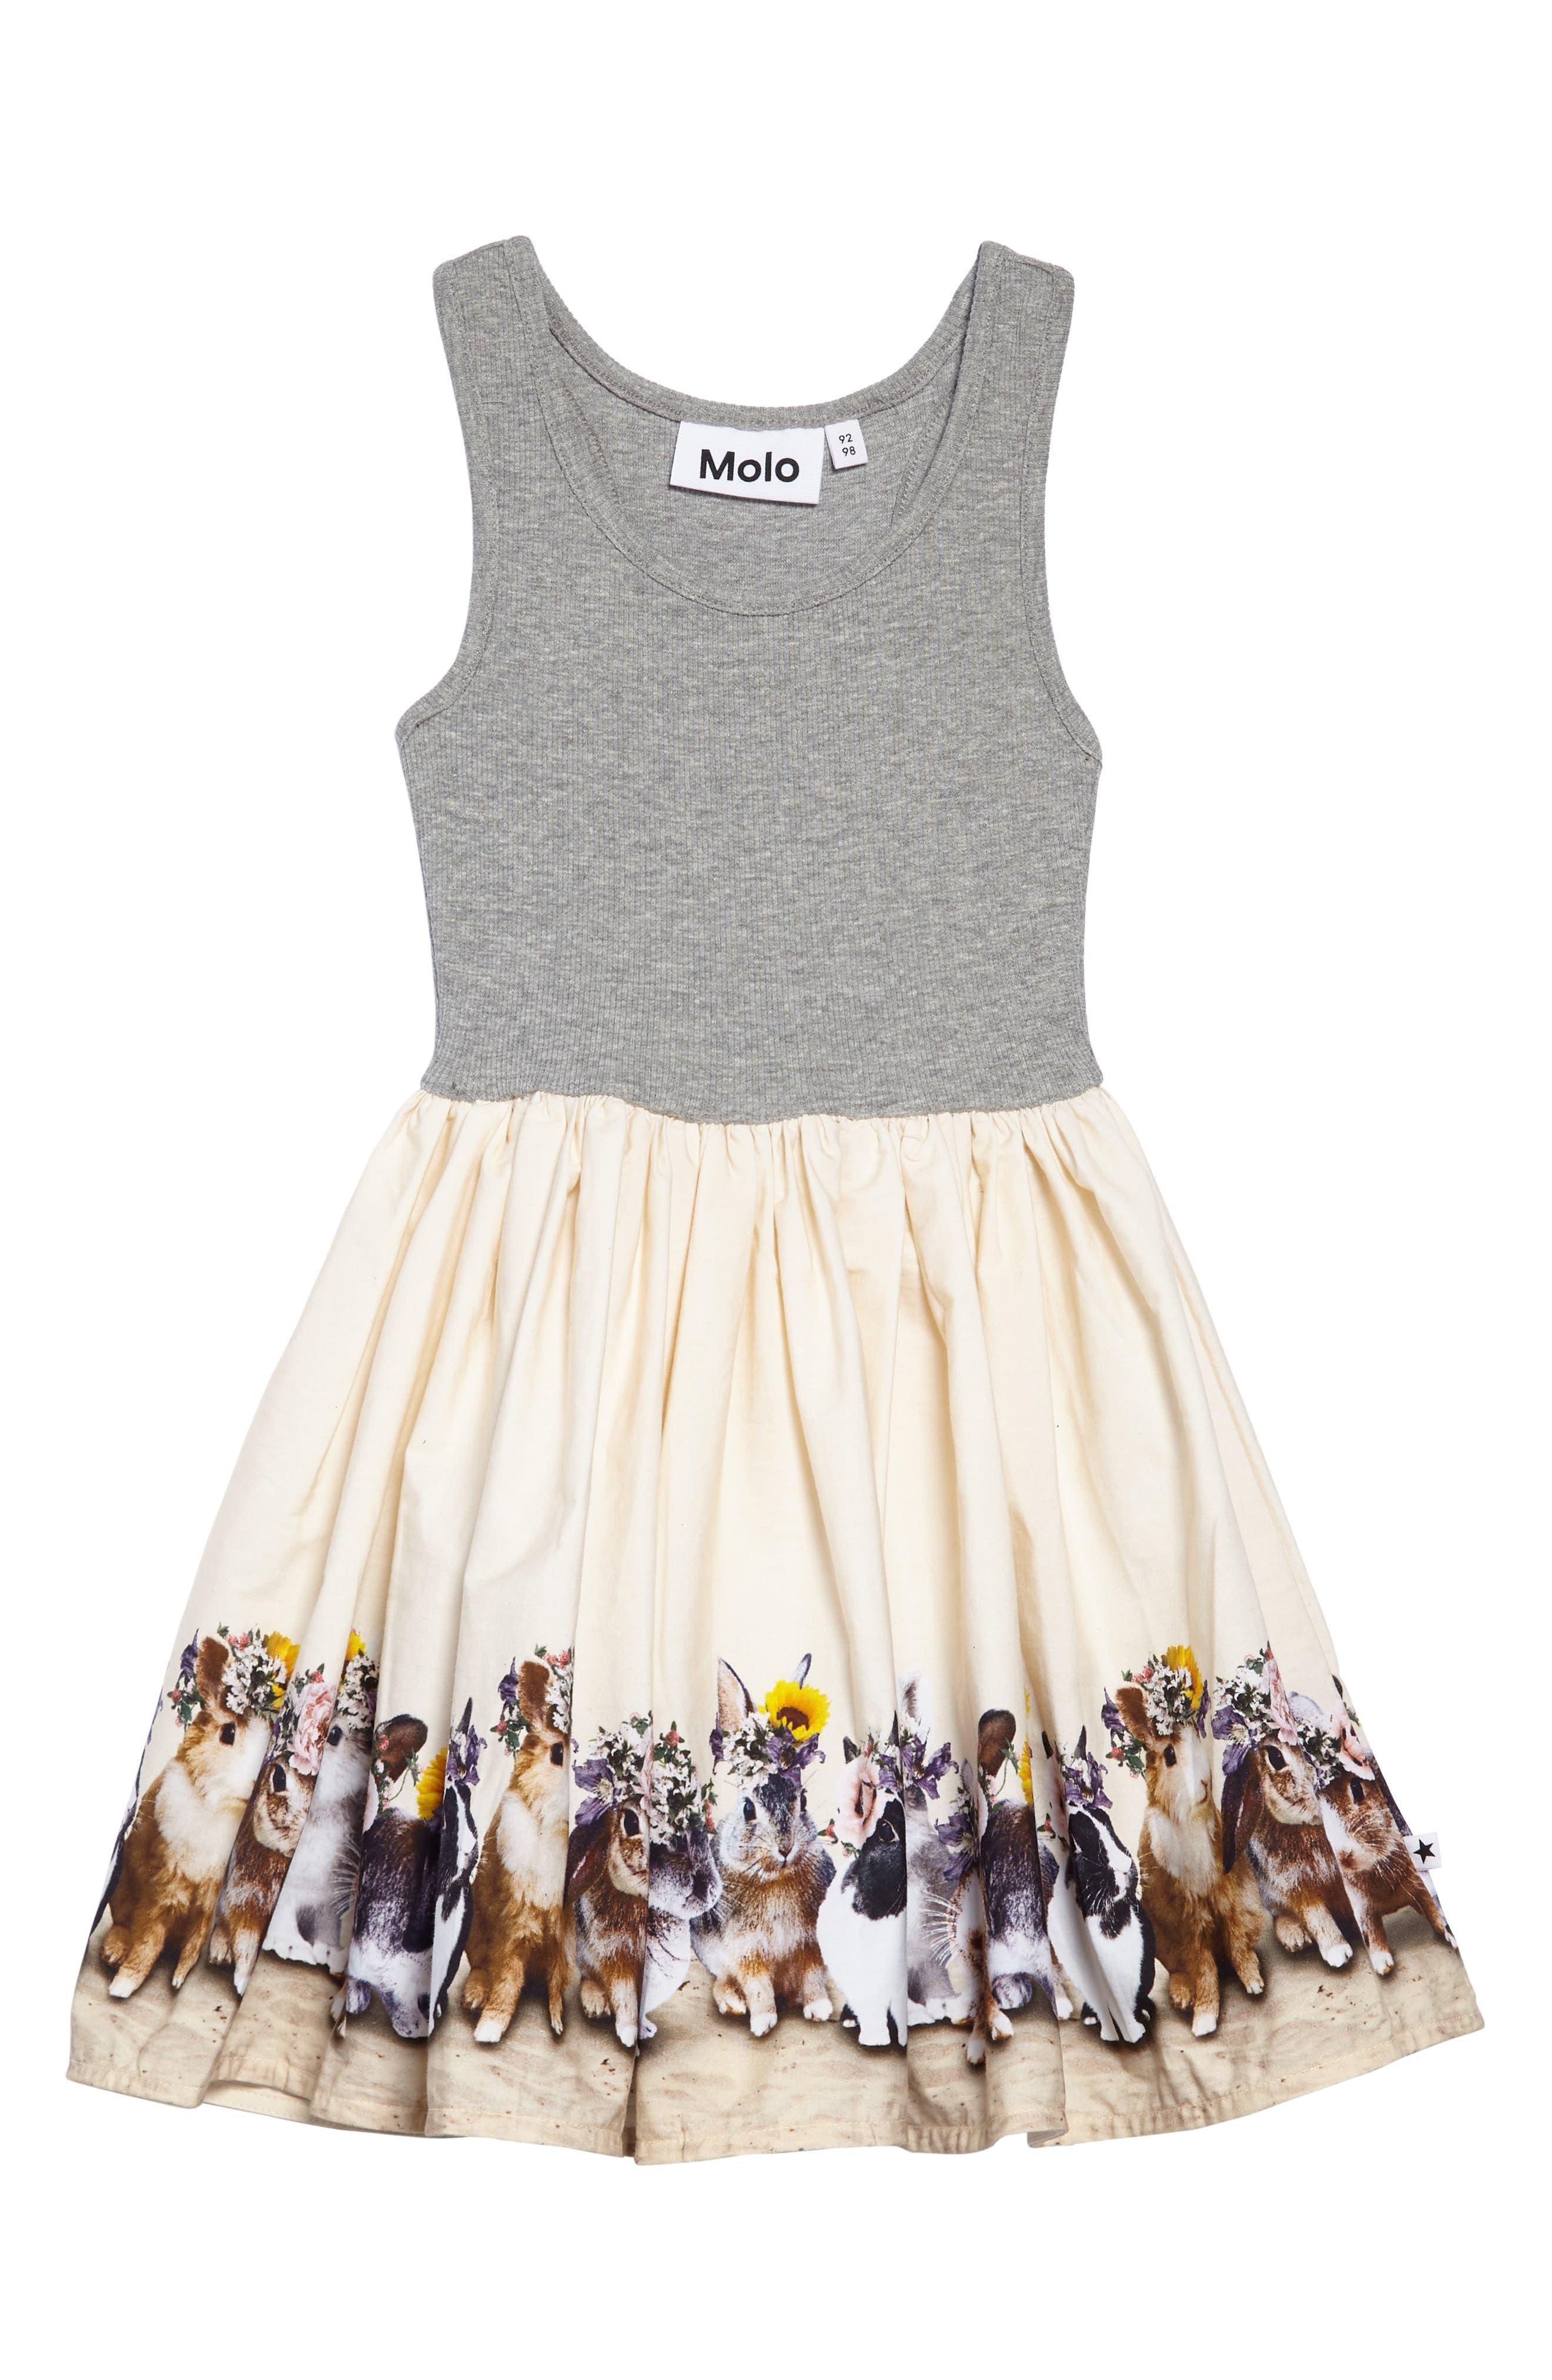 Main Image - Molo Cassandra Bunny Tank Dress (Toddler Girls, Little Girls & Big Girls)